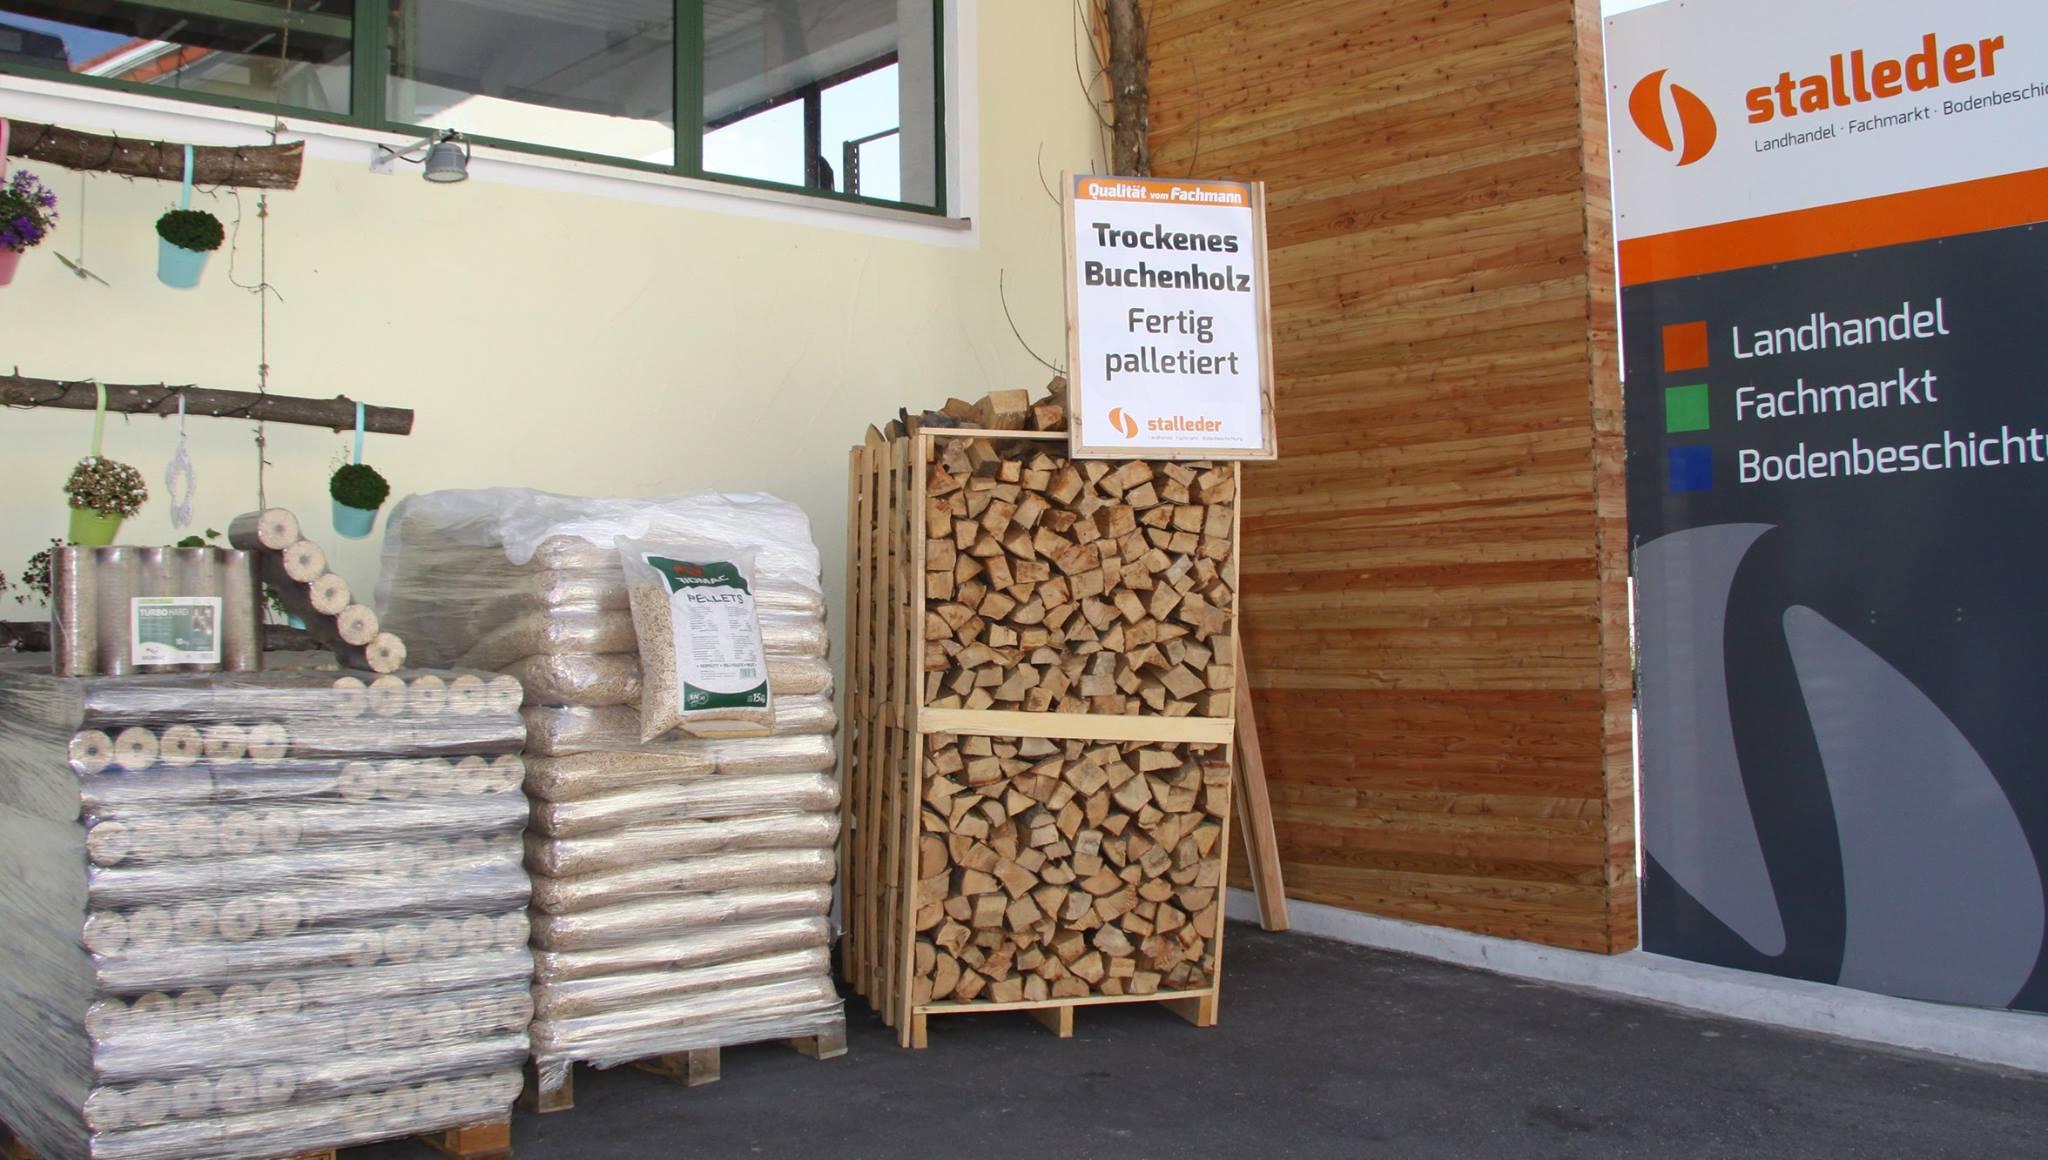 Buchenholz, Pellets oder Holzbriketts